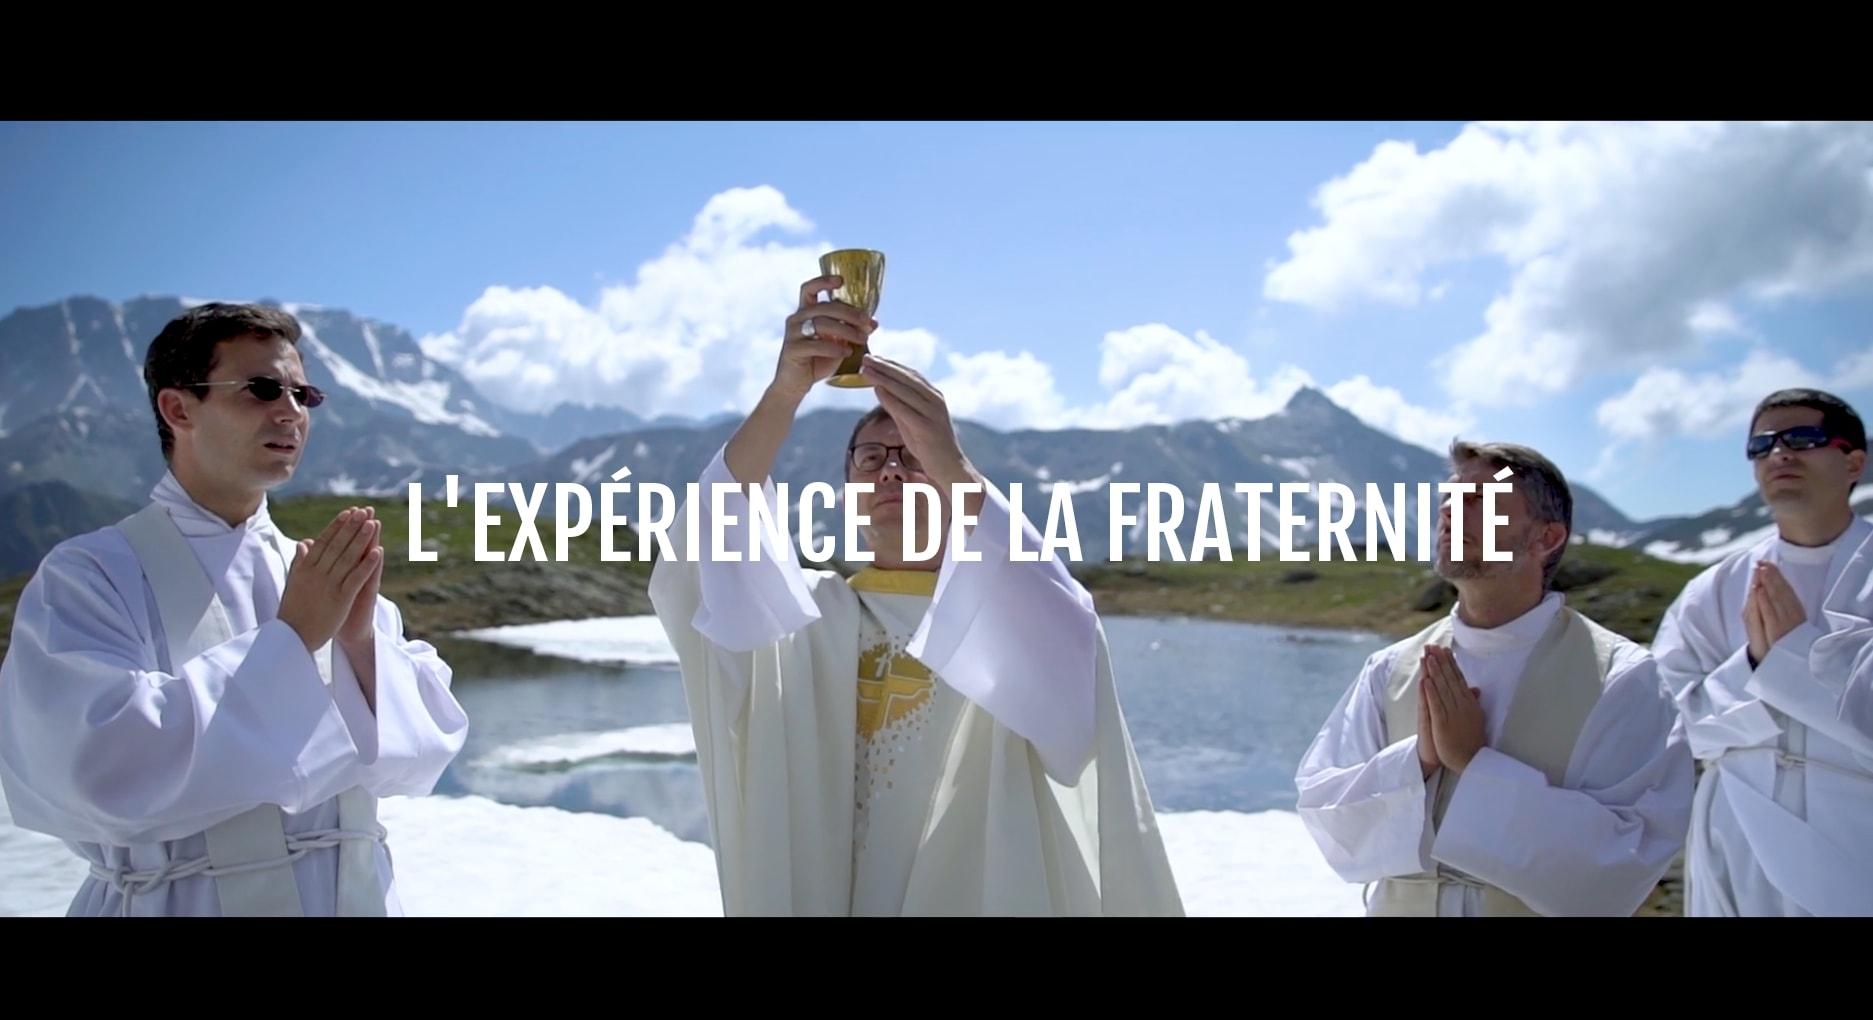 L'expérience de la fraternité – Les prêtres – épisode 1/3